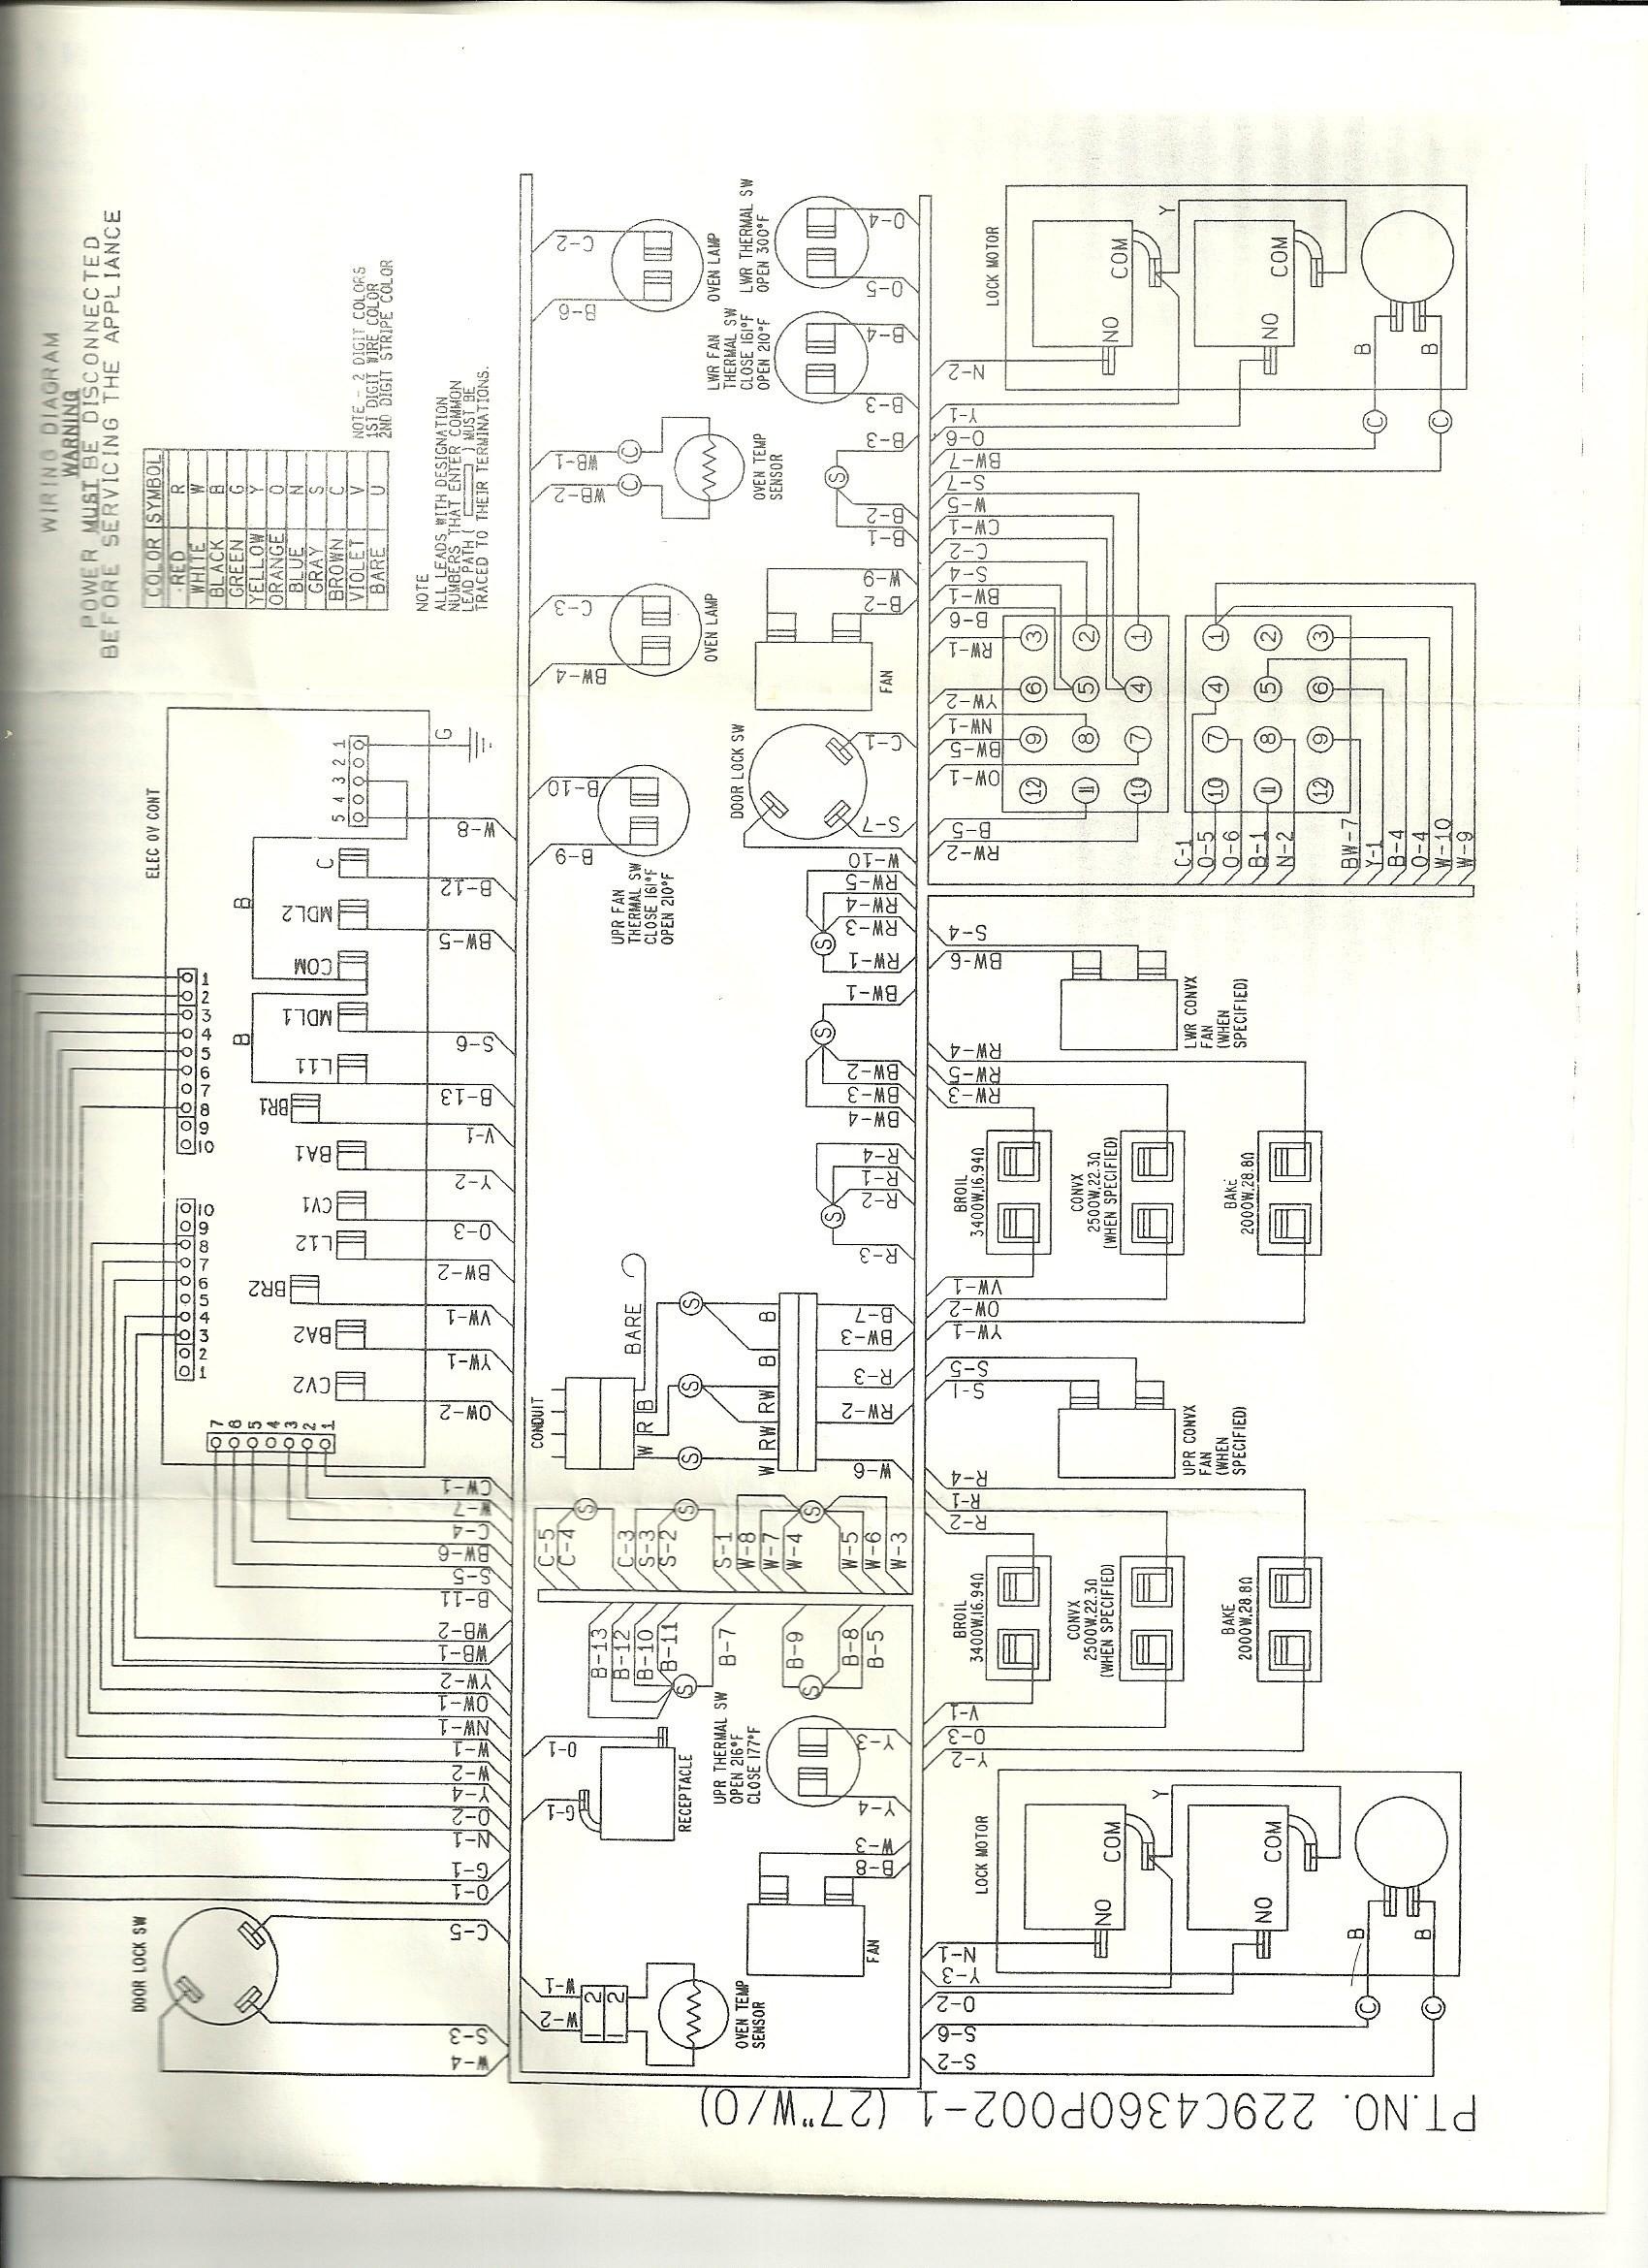 Ge Washer Motor Wiring Diagram | Free Wiring Diagram on